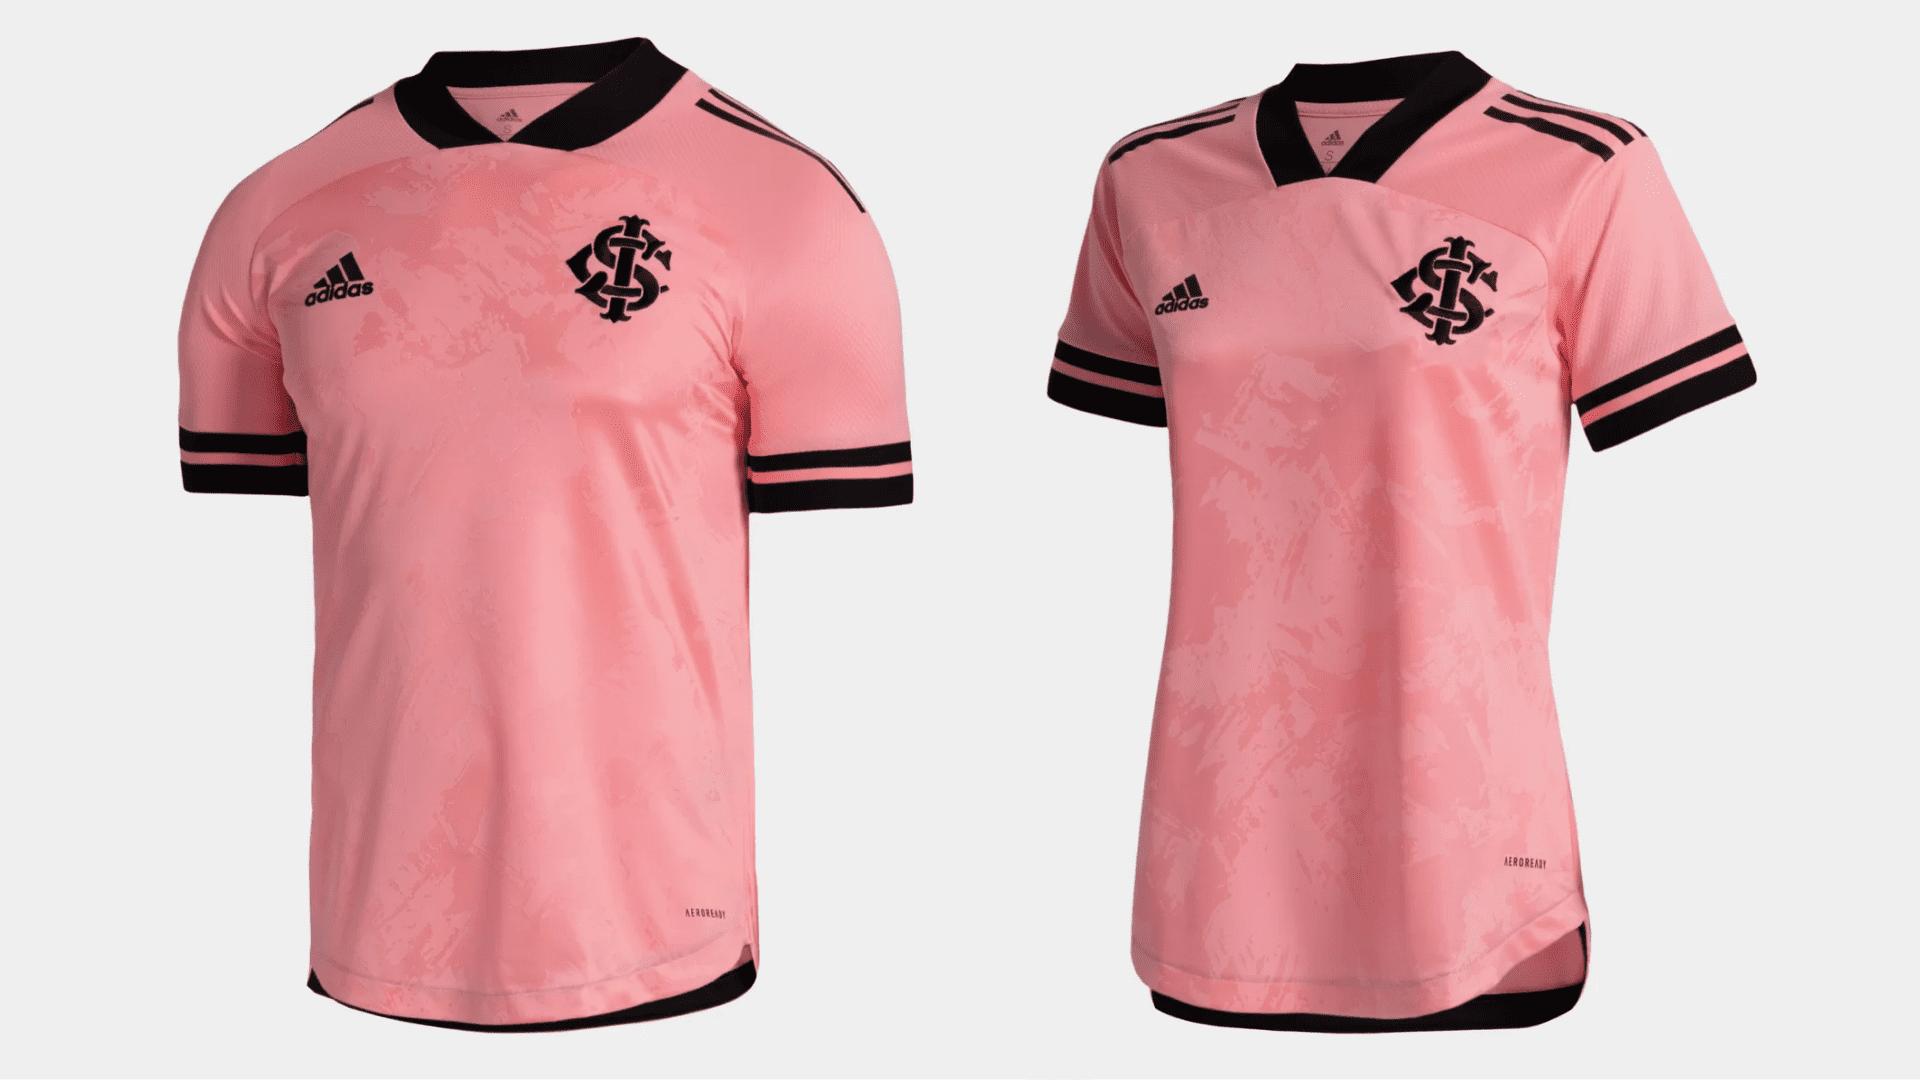 Camisa do Internacional 2020 Adidas Outubro Rosa (Imagem: Divulgação/Adidas)